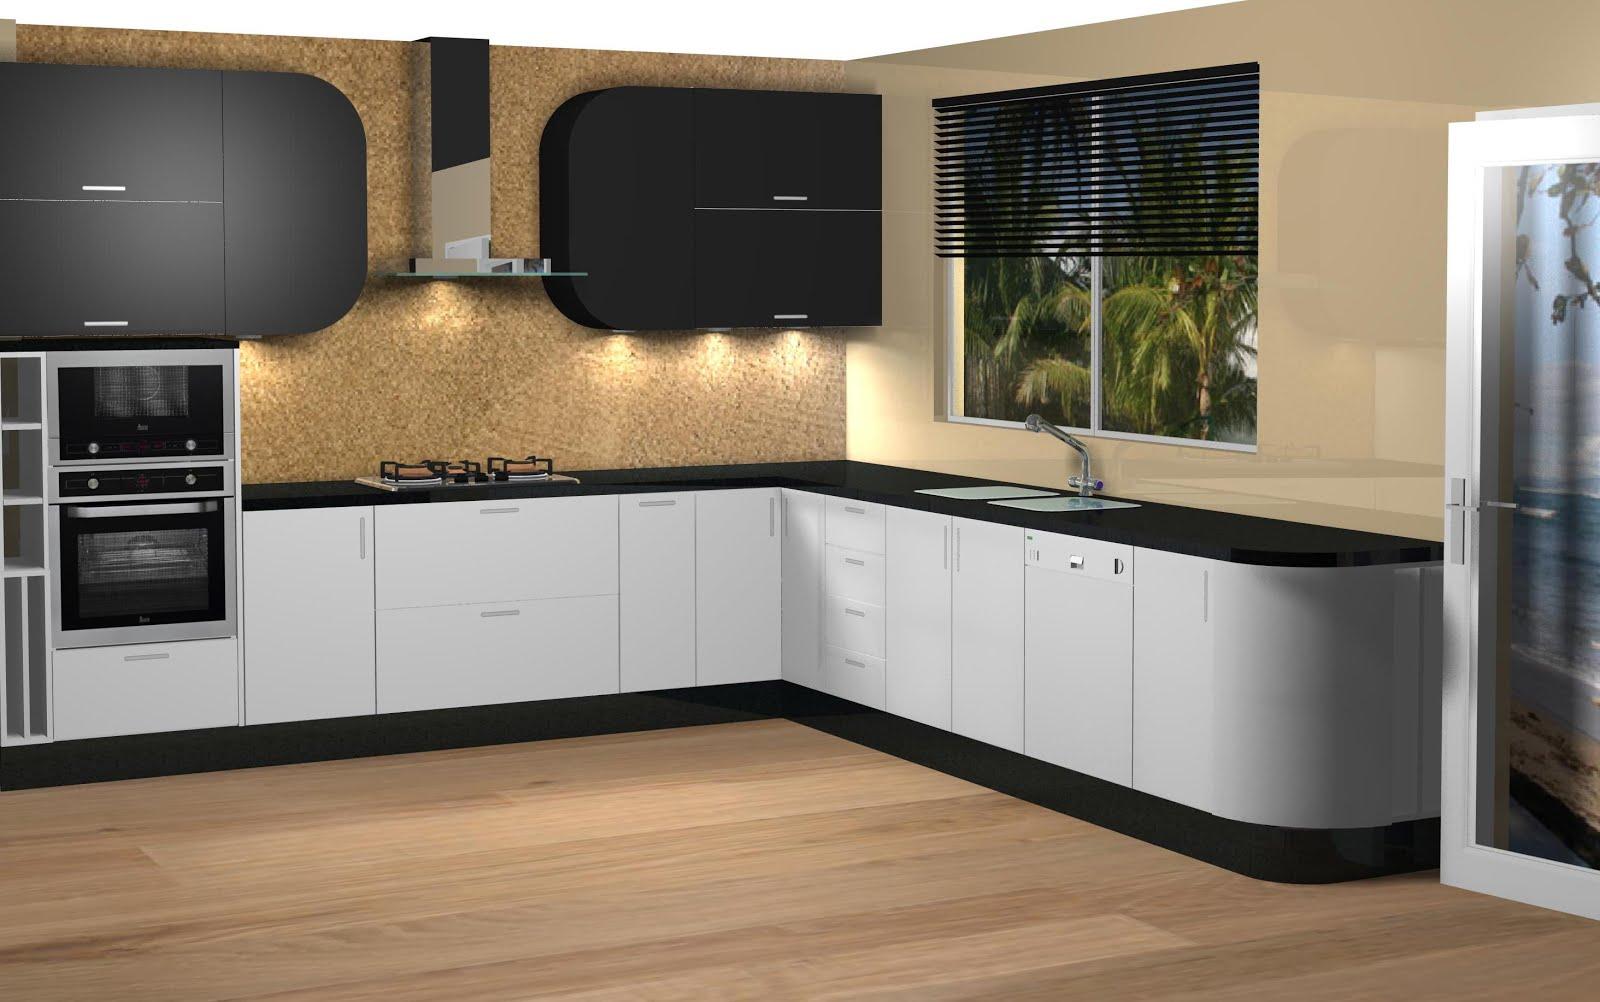 Vista de cocina lacada en blanco y negro